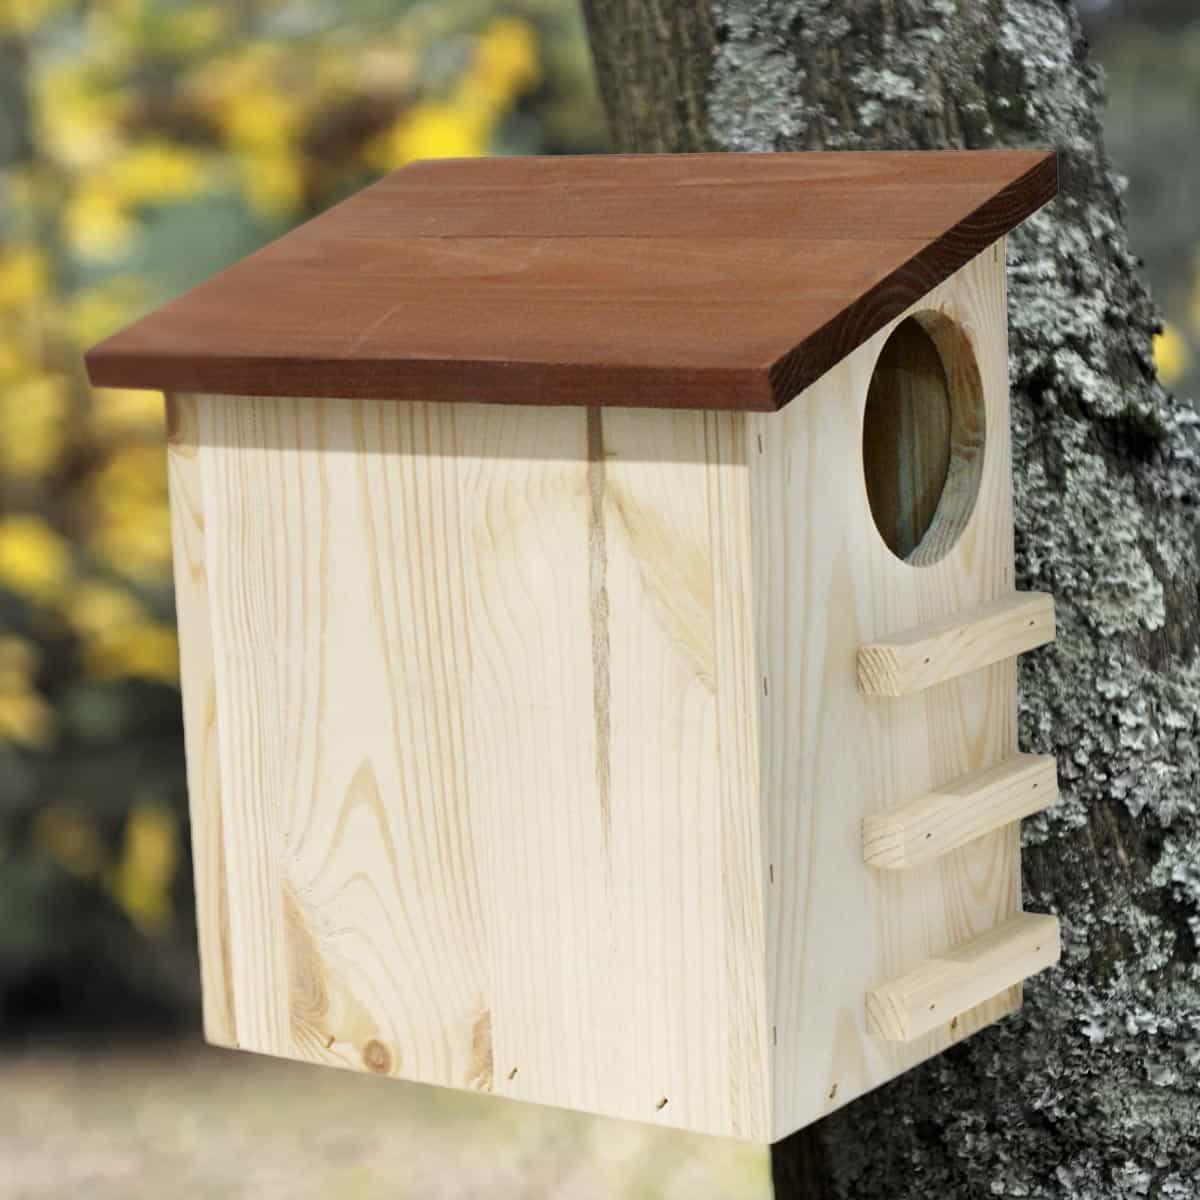 jardins anim s animaux animaux du jardin maisons abris animaux ecureuil maison bois fsc. Black Bedroom Furniture Sets. Home Design Ideas